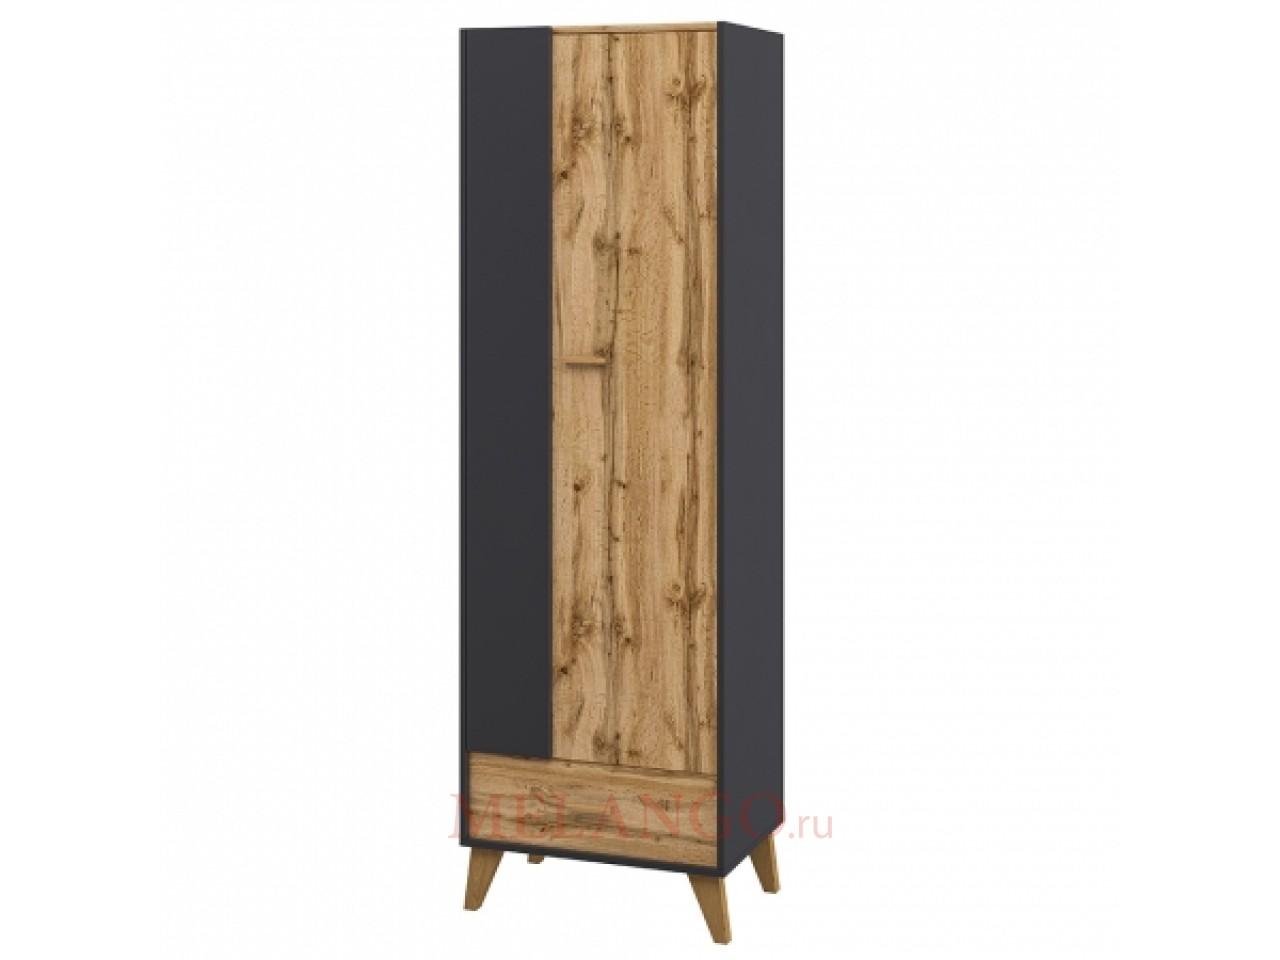 Шкаф комбинированный Сканди МН-036-09(графит)